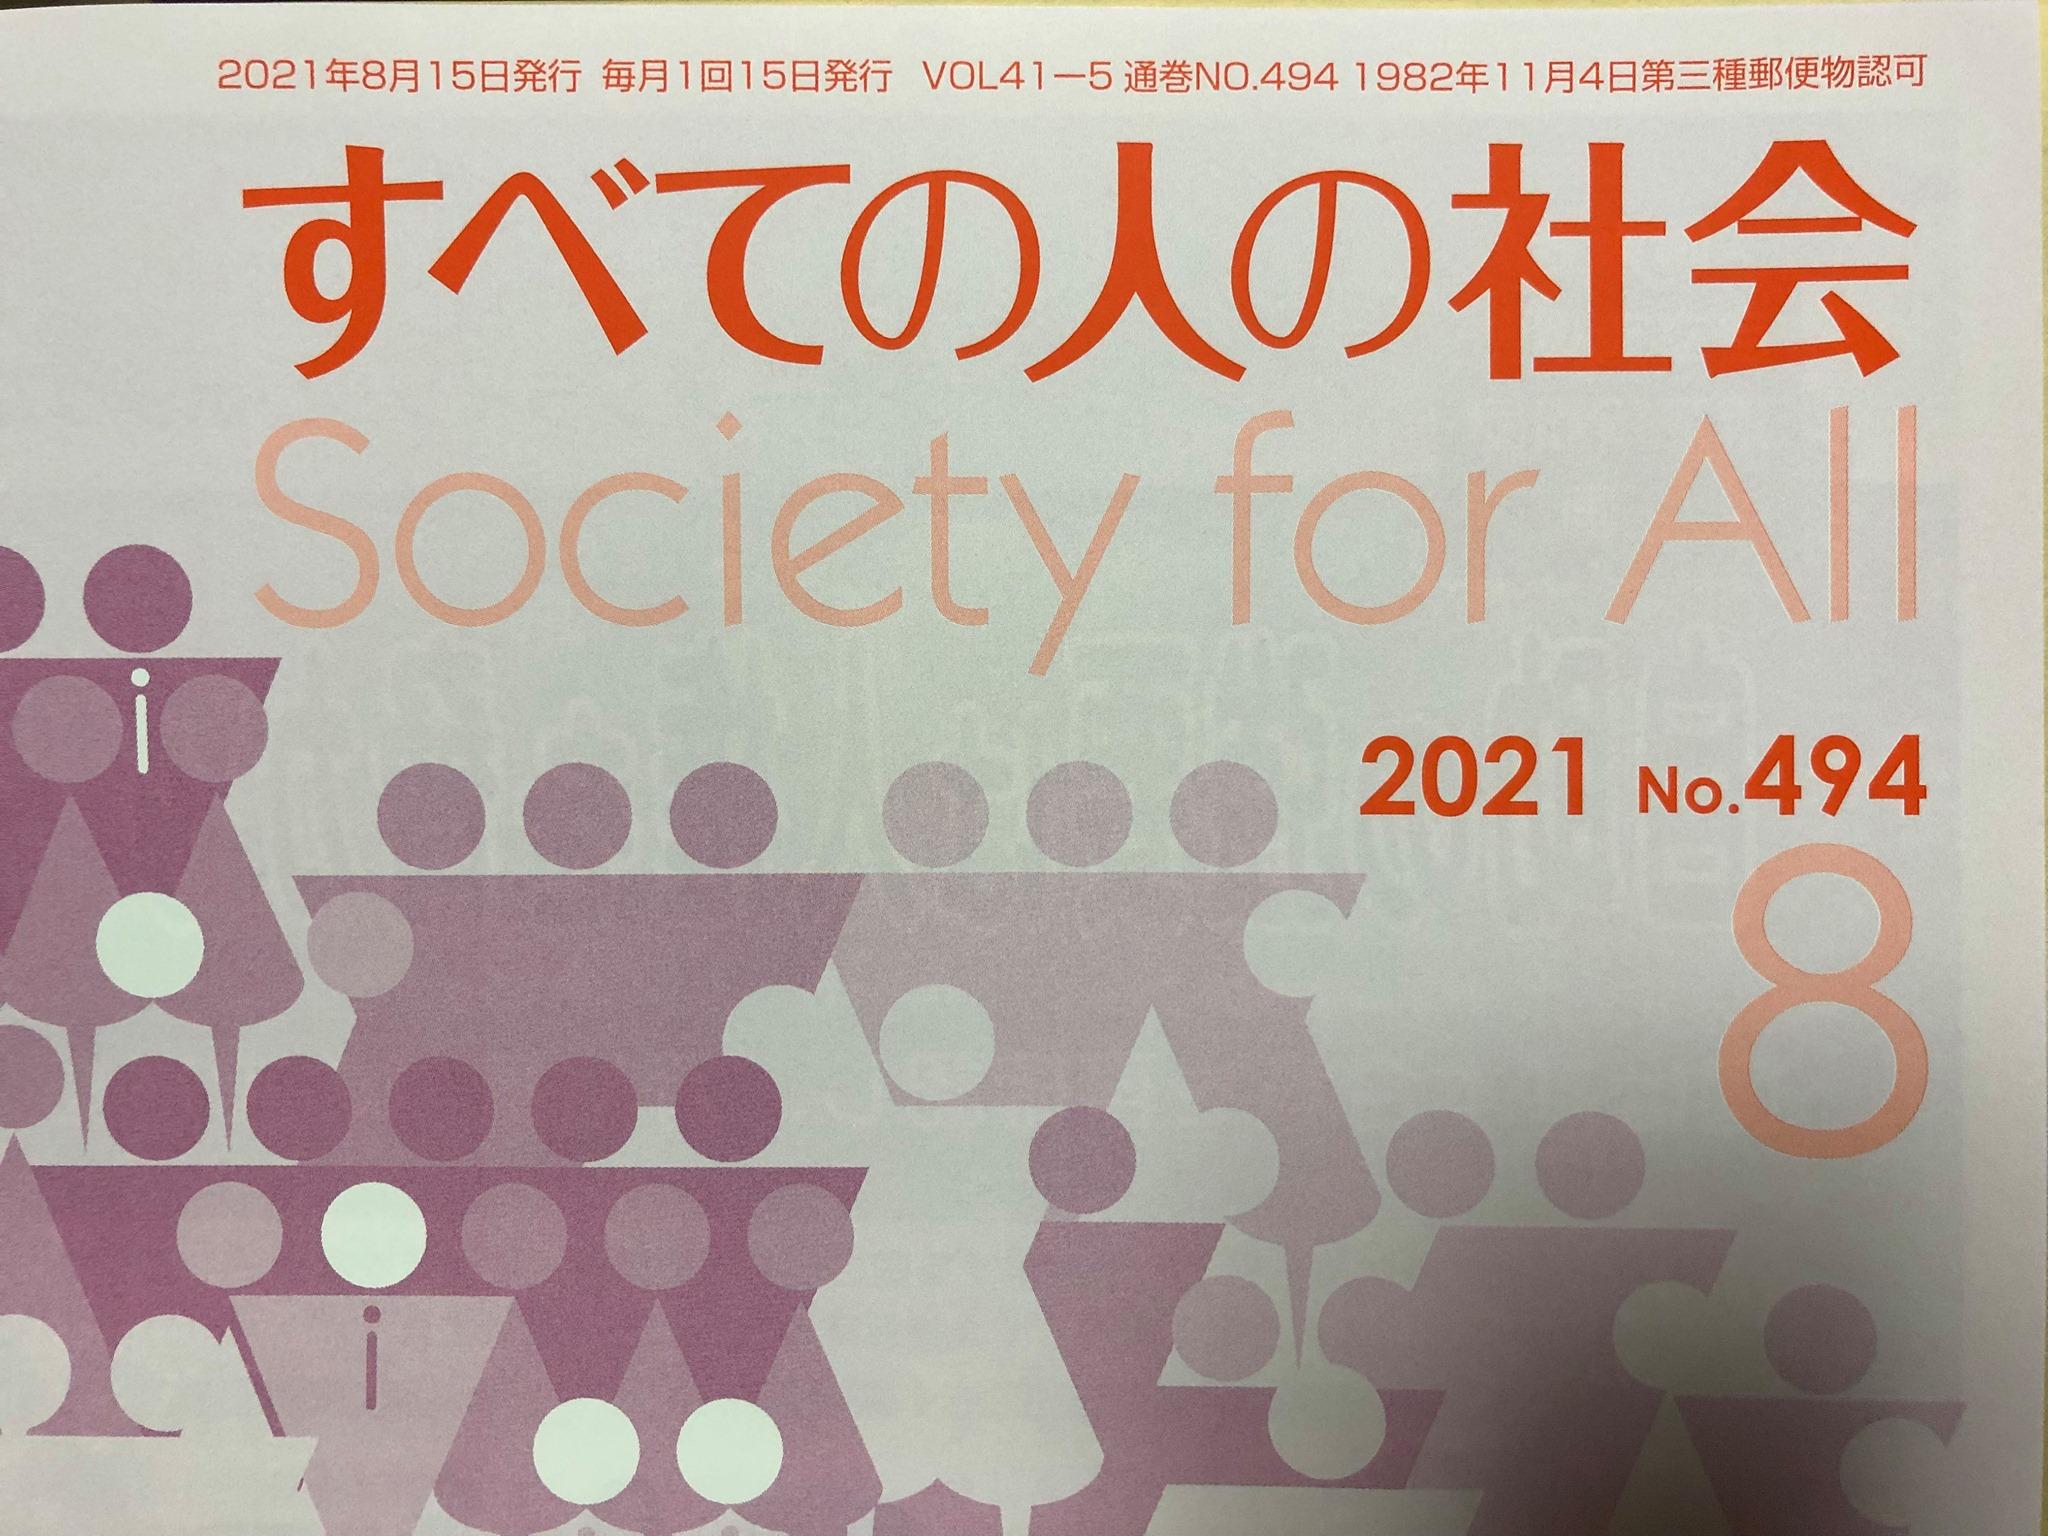 NPO法人日本障害者協議会の機関誌『すべての人の社会』2021年8月号に、薗部英夫副会長の「オンラインの舞台裏から」に注目しました。